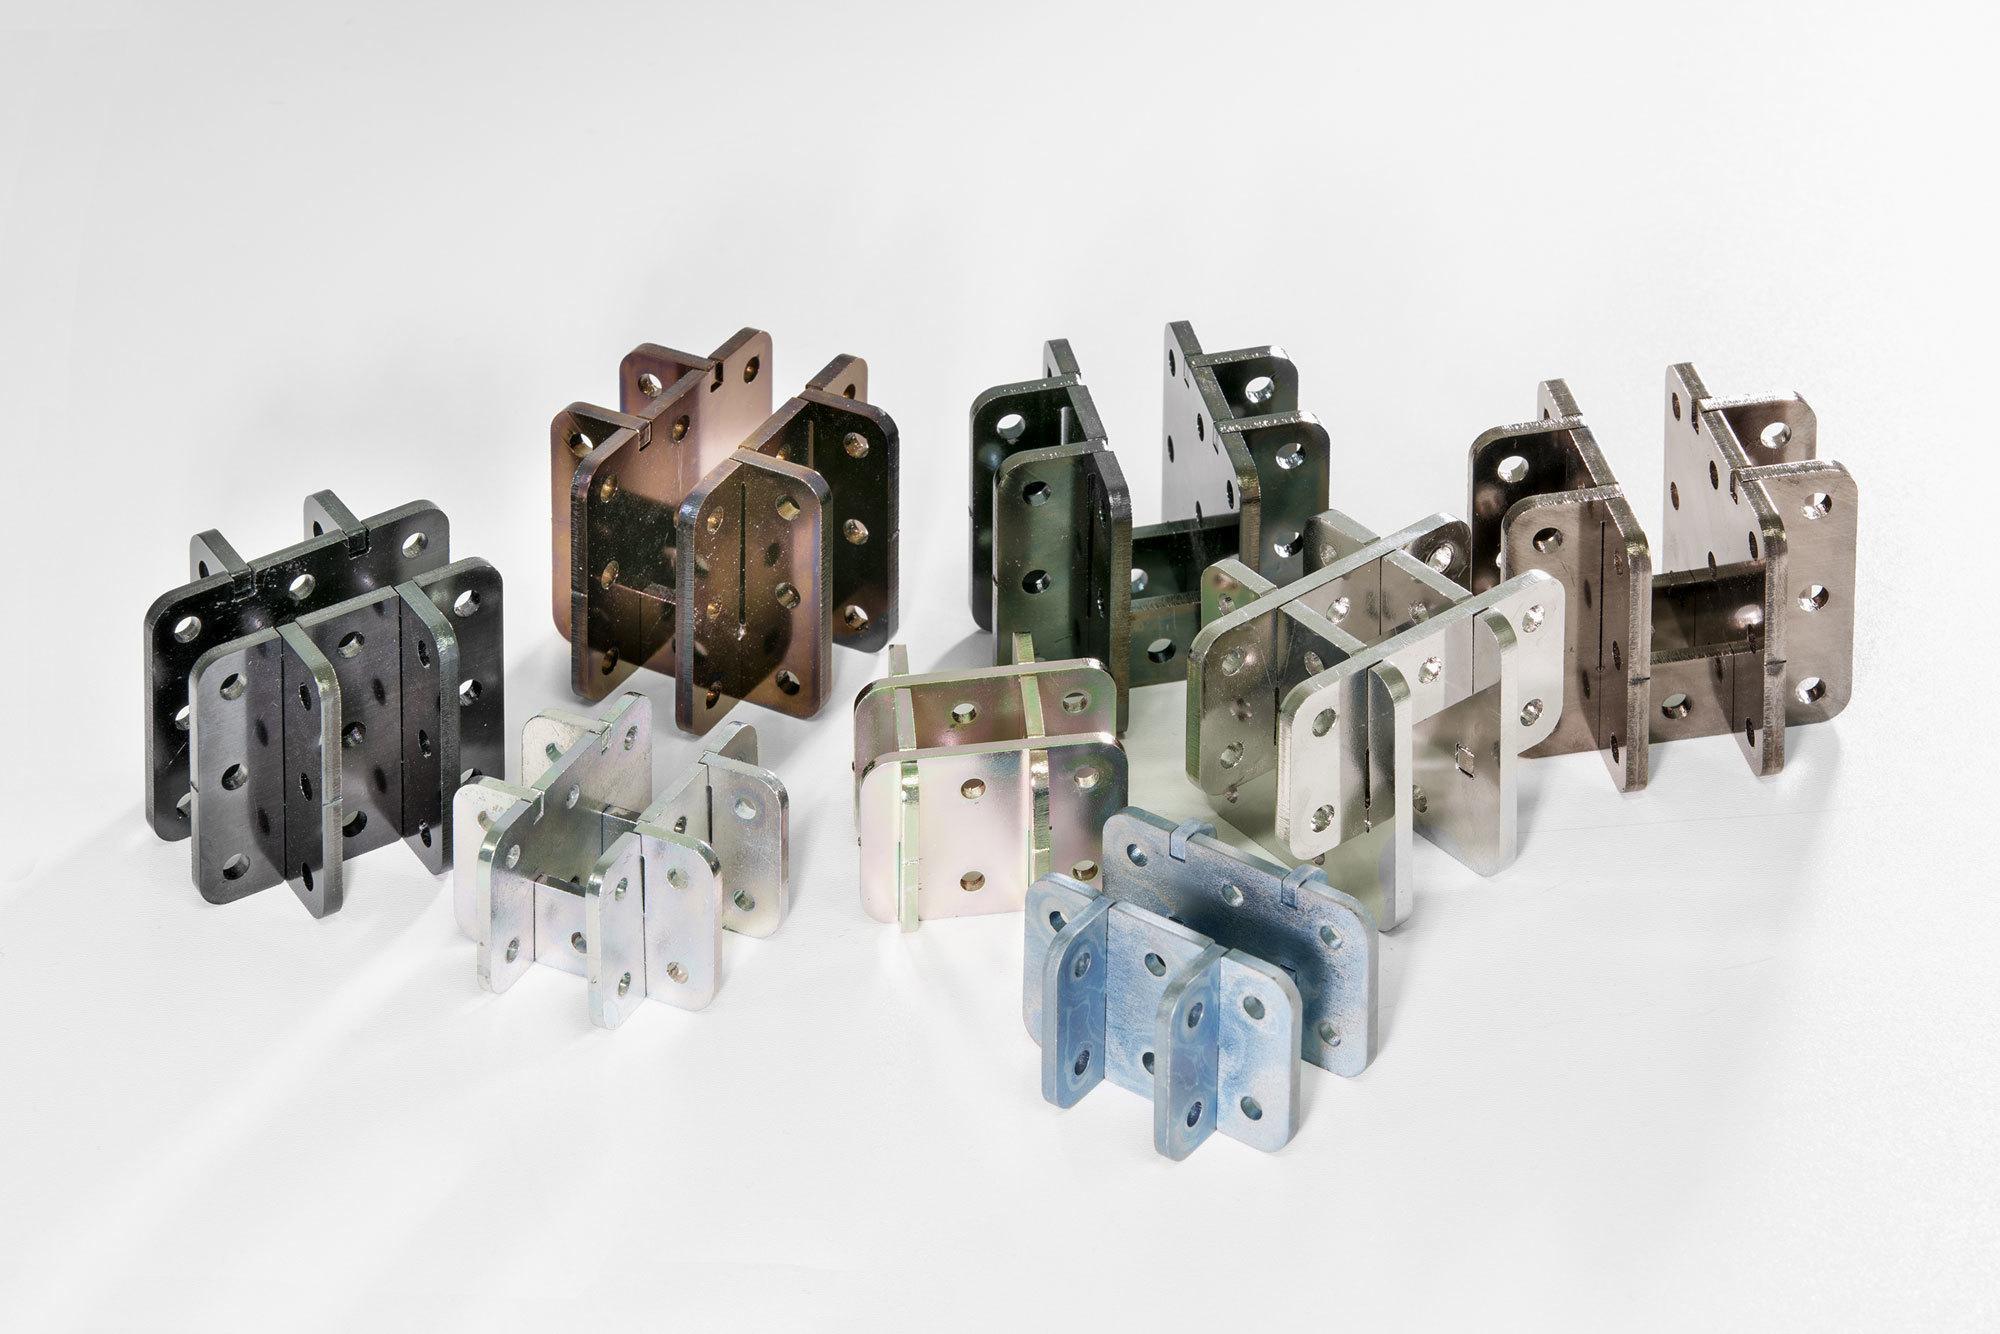 Viele Arbeiten basieren auf Lukas Wegwerths modularem System Three+One, das für Möbel bis hin zu Raumarchitekturen wie Tribünen verwendet werden kann. Das Kernelement ist ein Verbinder, der aus vier flachen Seiten besteht, die ineinander gesteckt werden. Foto: Studio Lukas Wegwerth